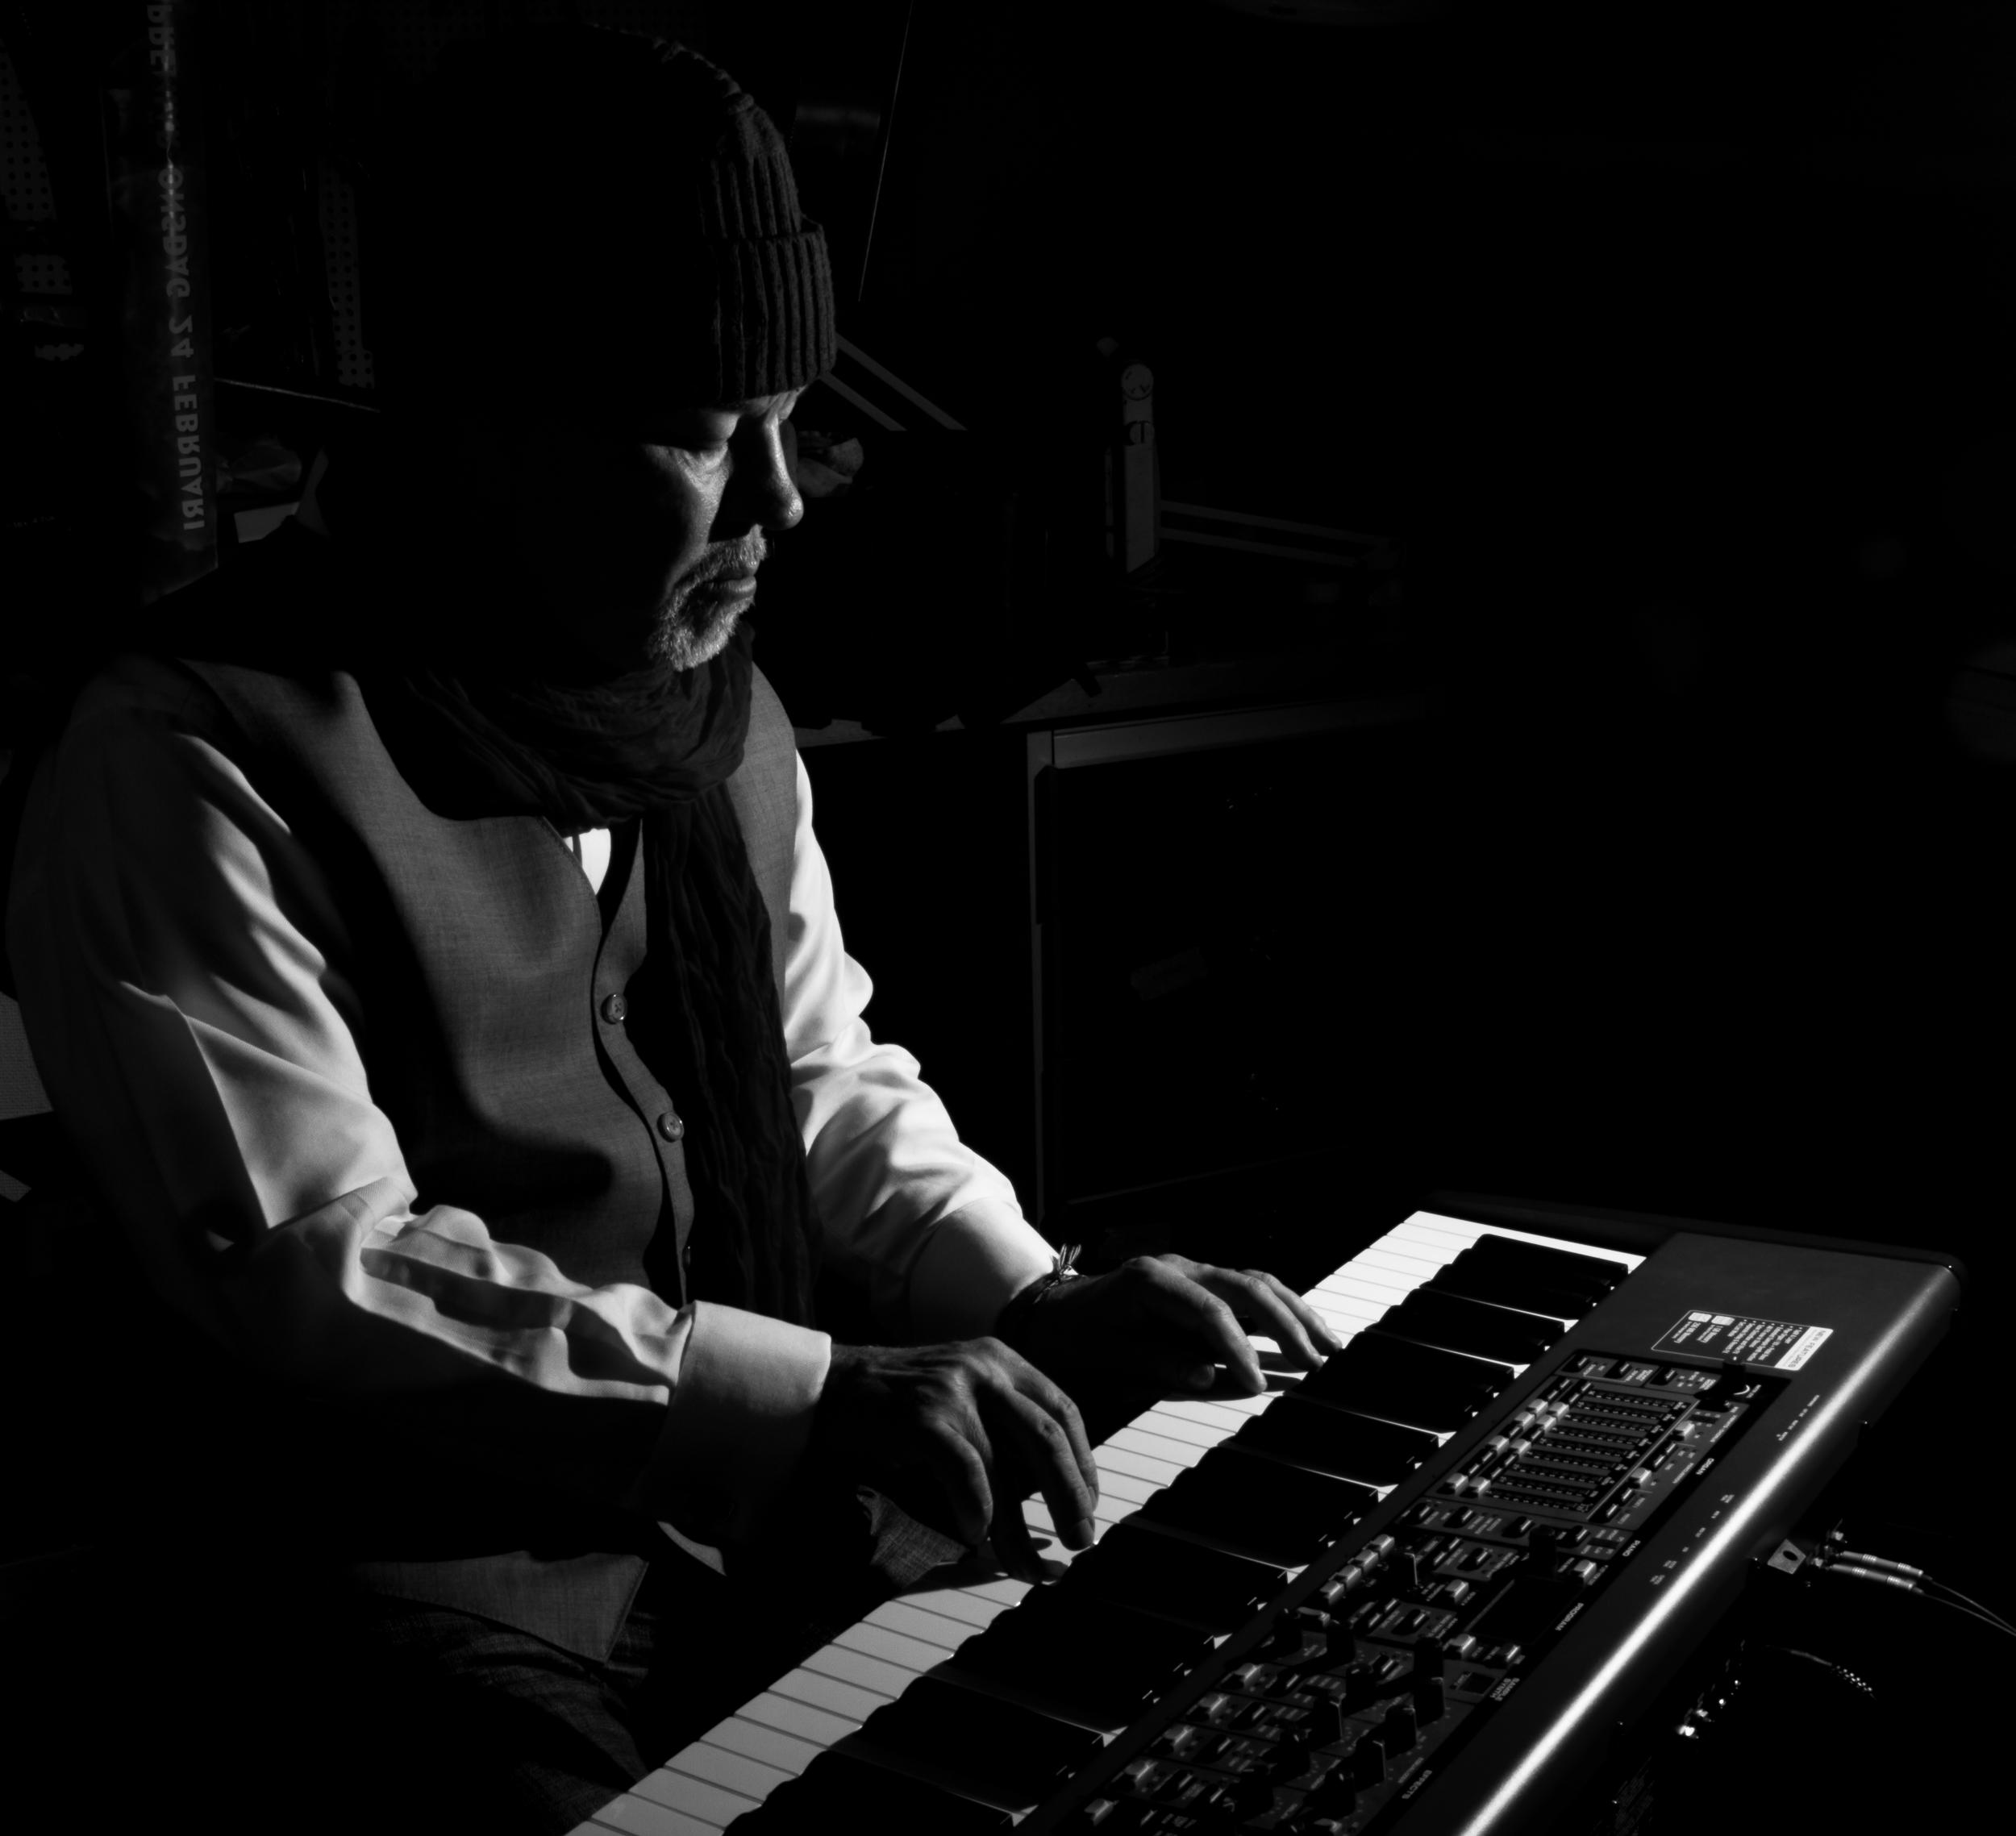 Johan vid pianot, känsla av mörk källare